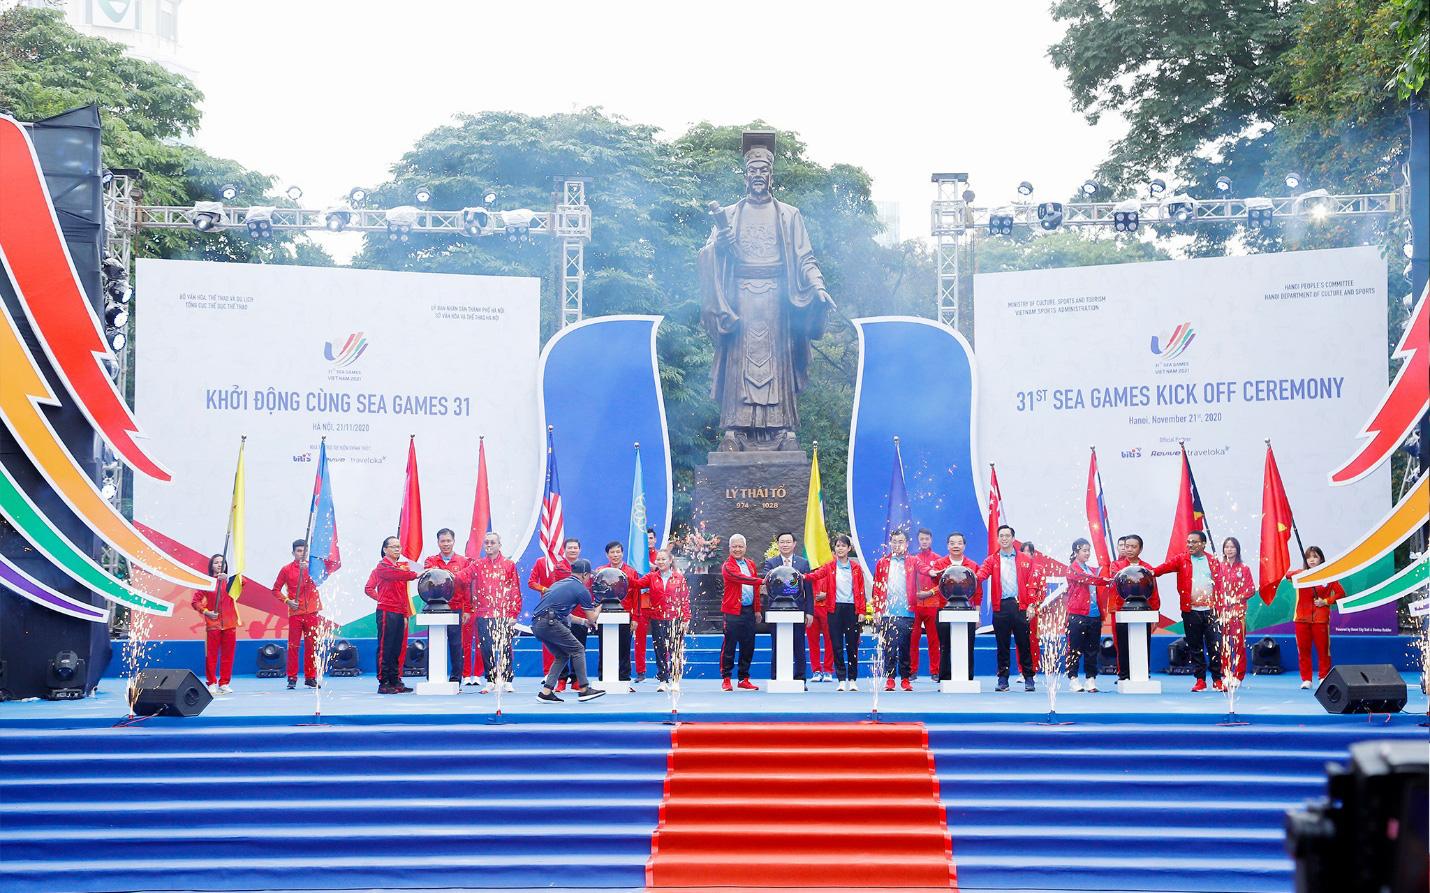 Khởi động SEA Games 31 - Đếm ngược một năm sẵn sàng đại hội thể thao Đông Nam Á